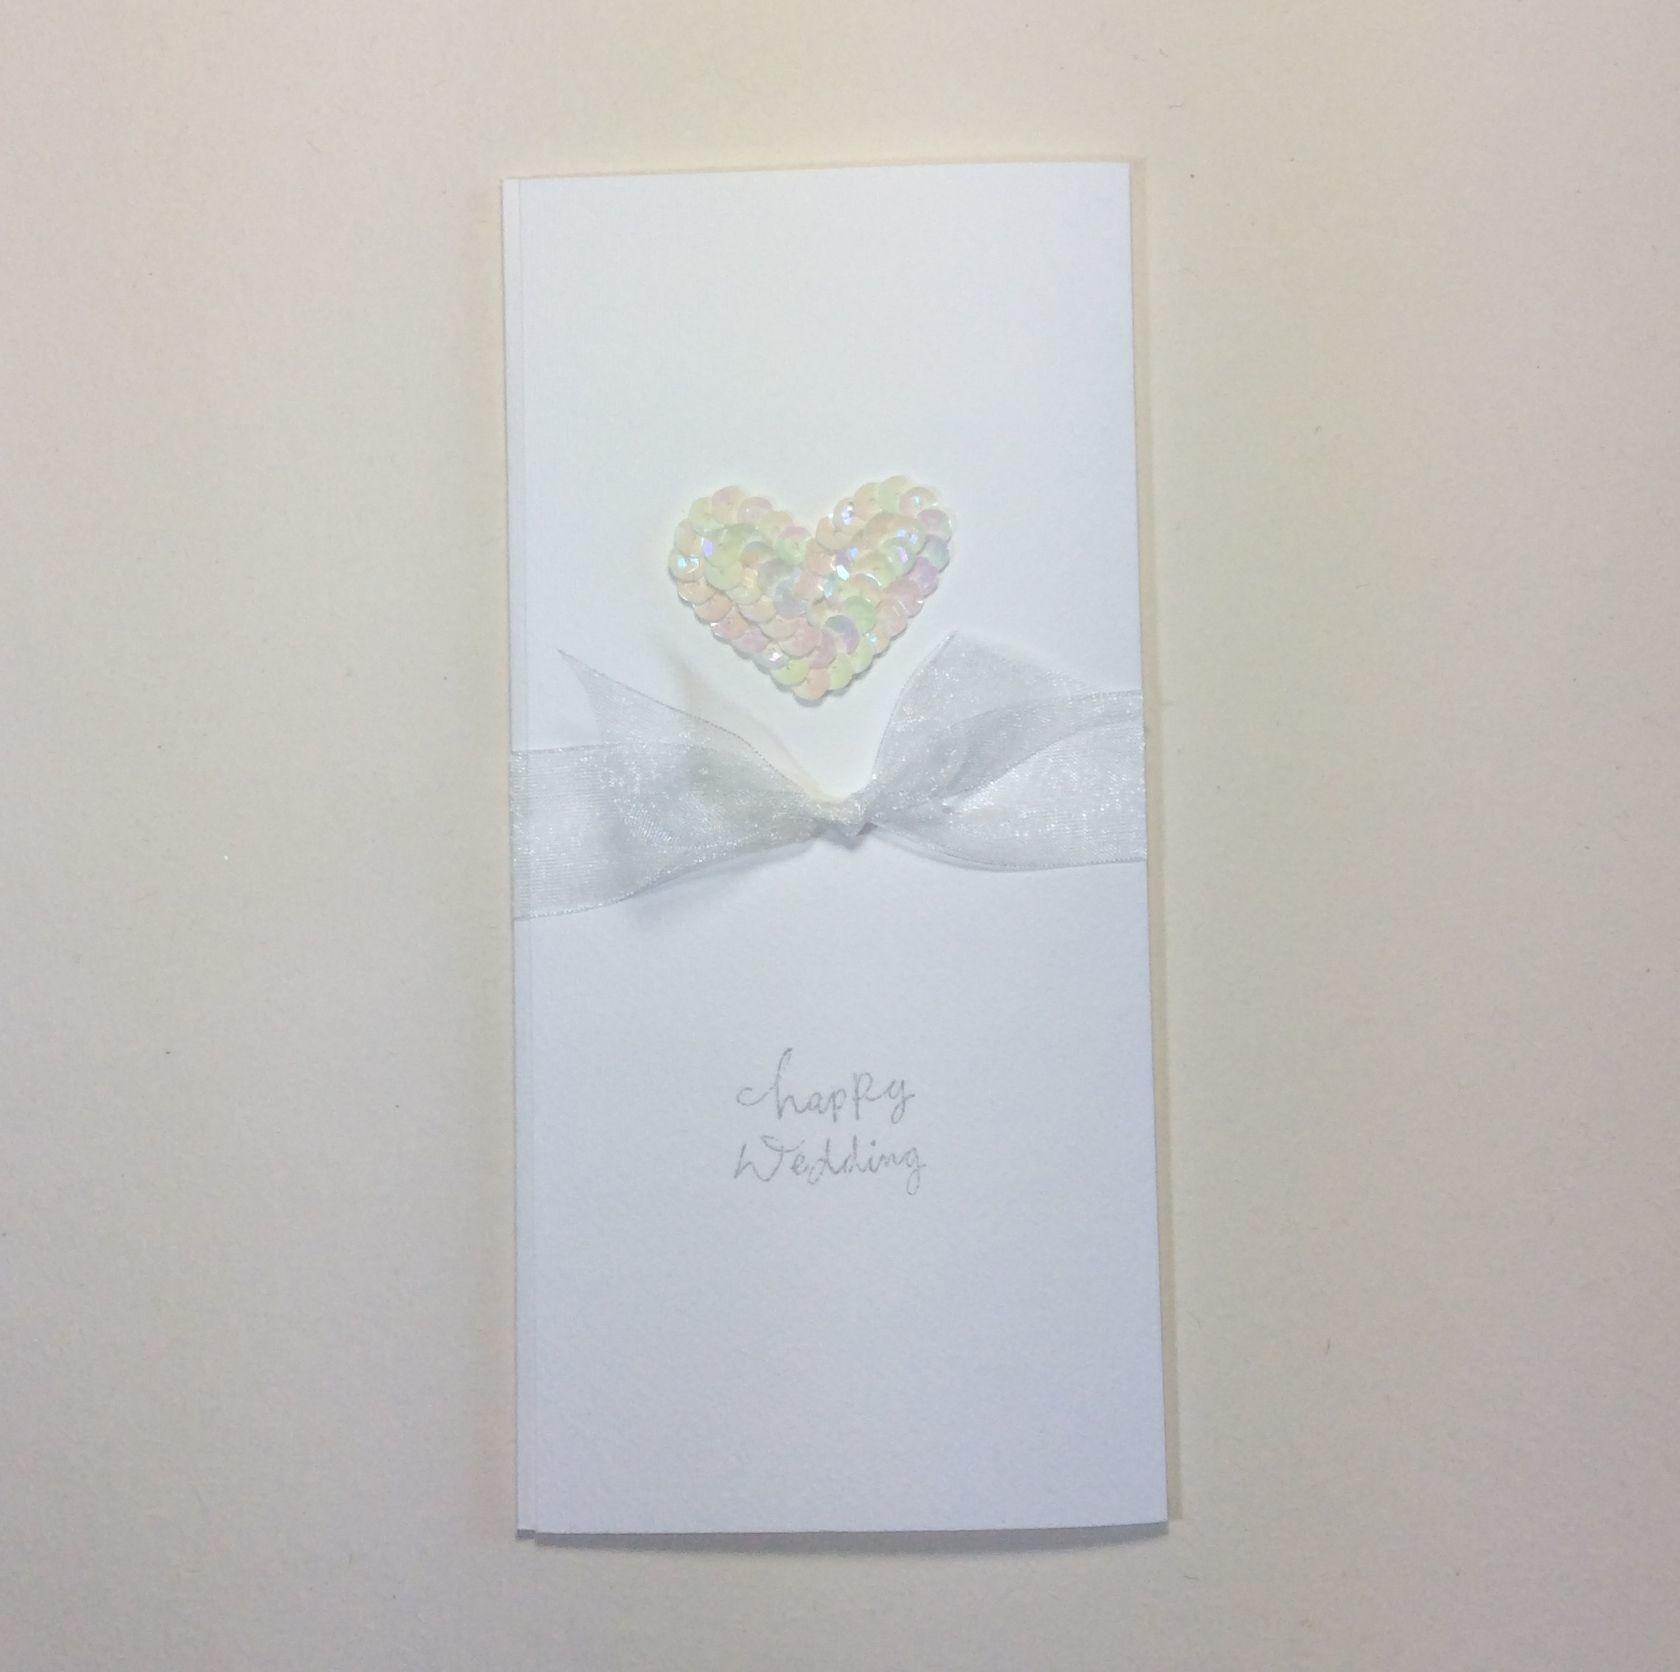 ご祝儀袋(ご結婚のお祝い) GS-004 スパンコールハート